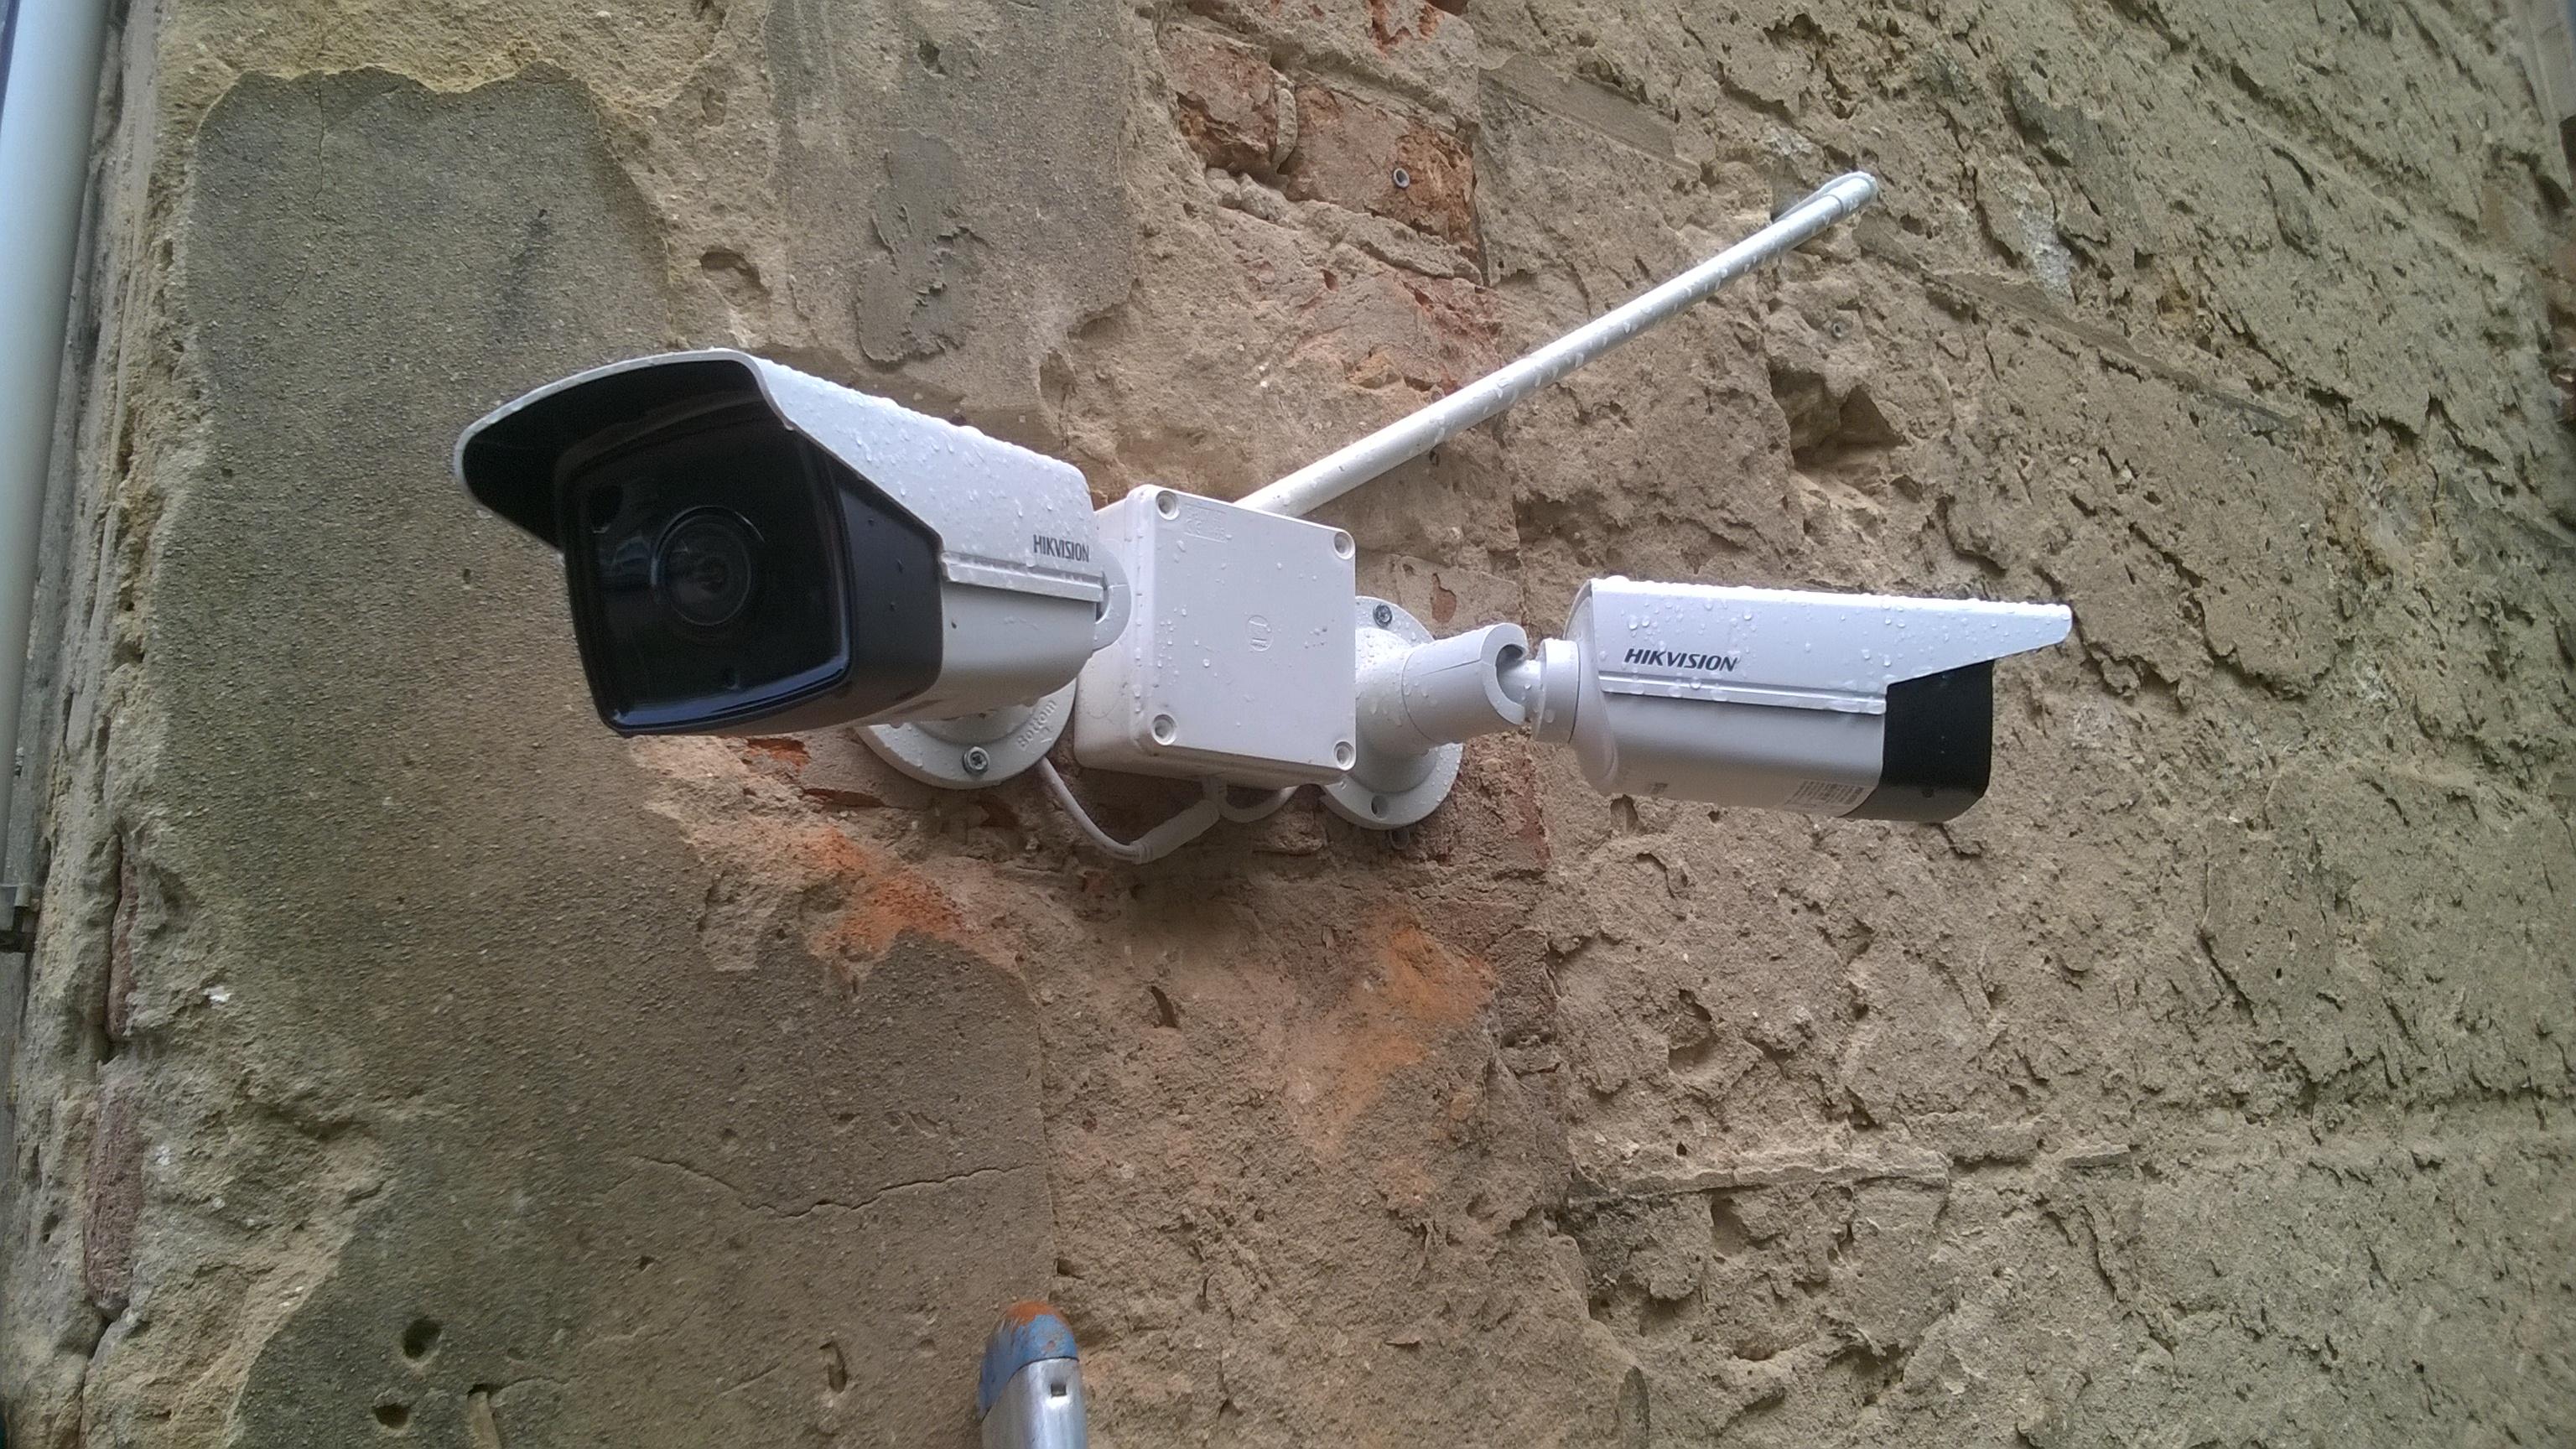 monitoring-bilgoraj-monitoring-zamosc-monitoring-krasnik-monitoring-janow-lubelski-monitoring-gospodarstwa-rolnego-monitoring-chelm-monitoring-lezajsk-2-infomech-monitoring-wizyjny-systemy-zabezpiec